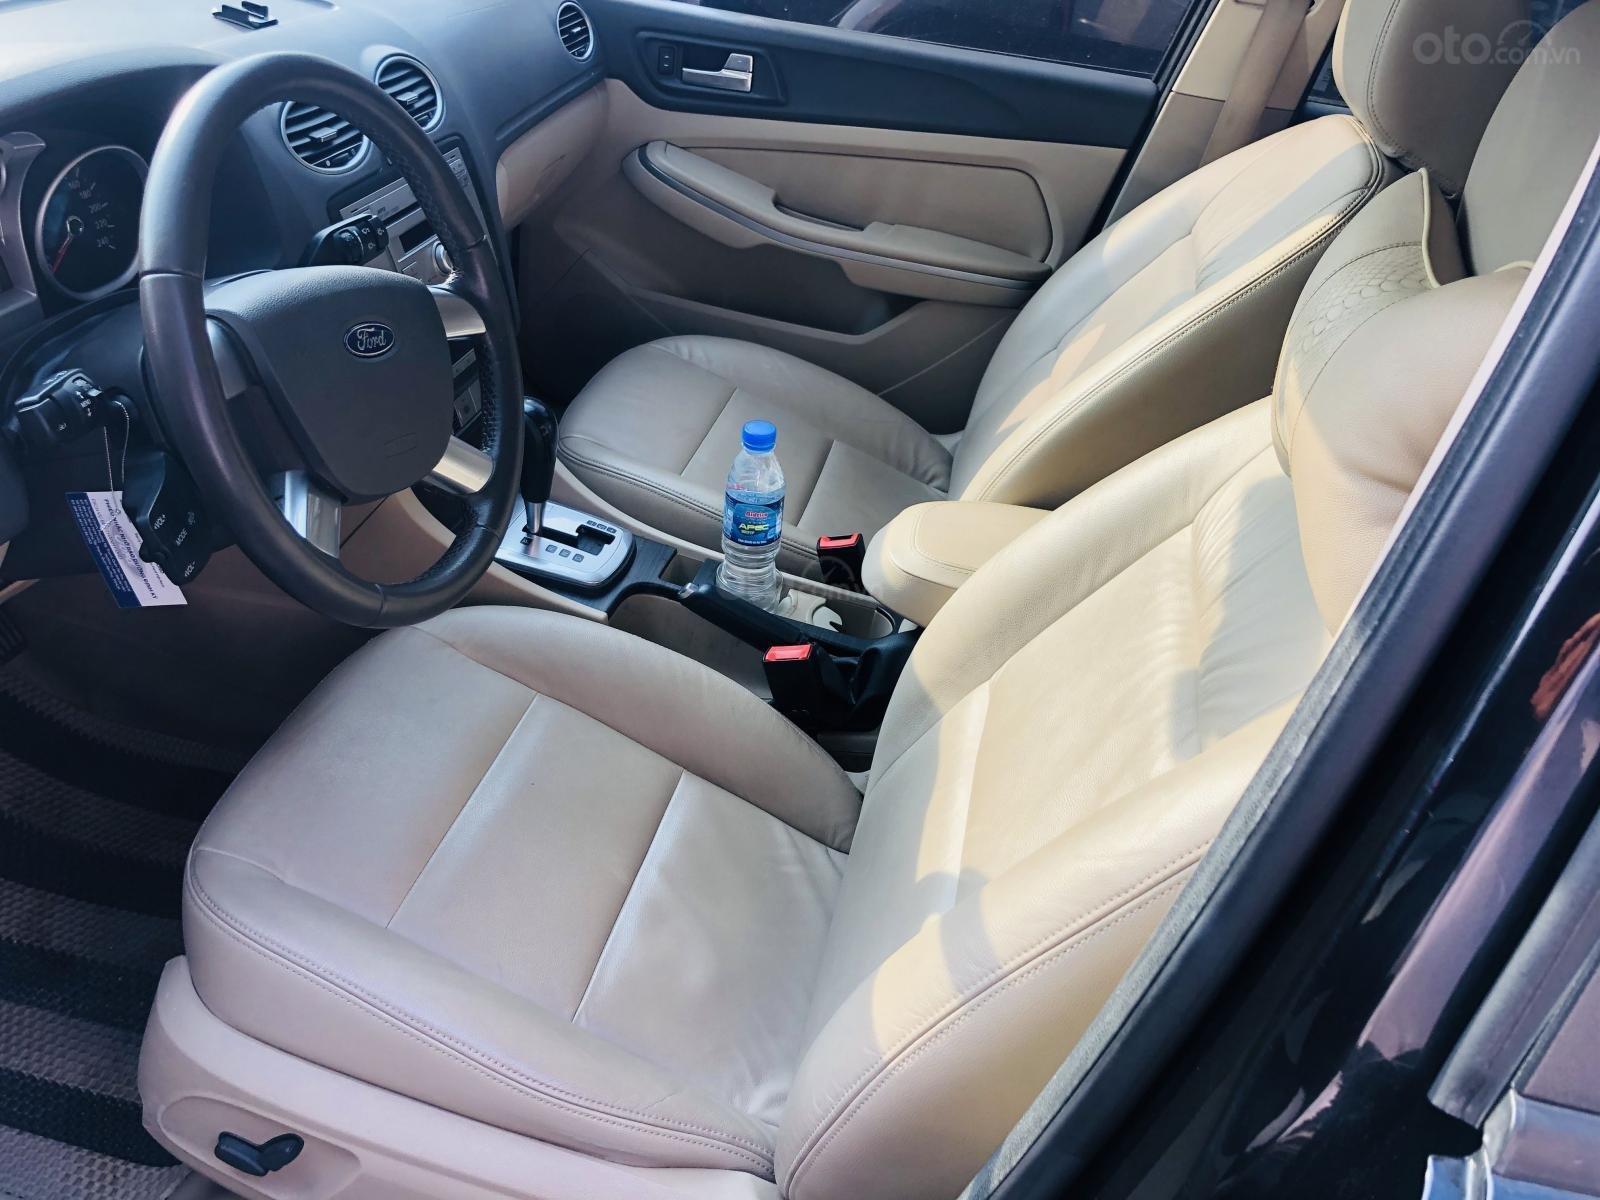 Cần bán lại xe Ford Focus sản xuất 2010 mới 95% giá tốt 340 triệu đồng (4)